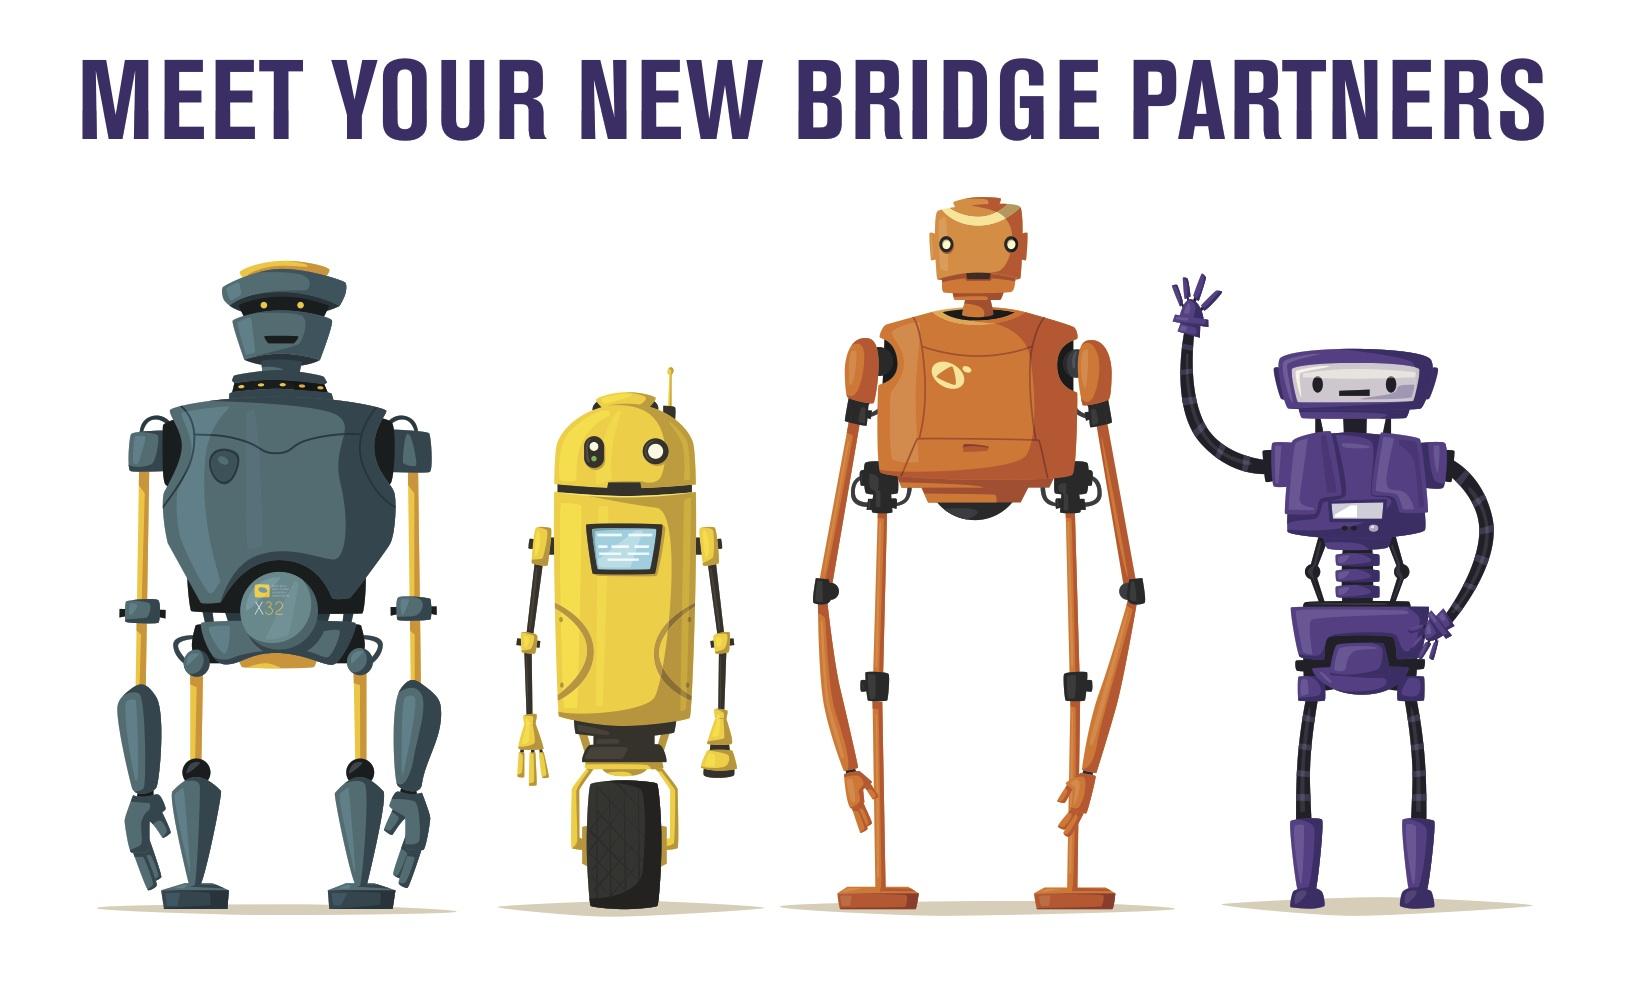 Play Robot Bridge on Funbridge